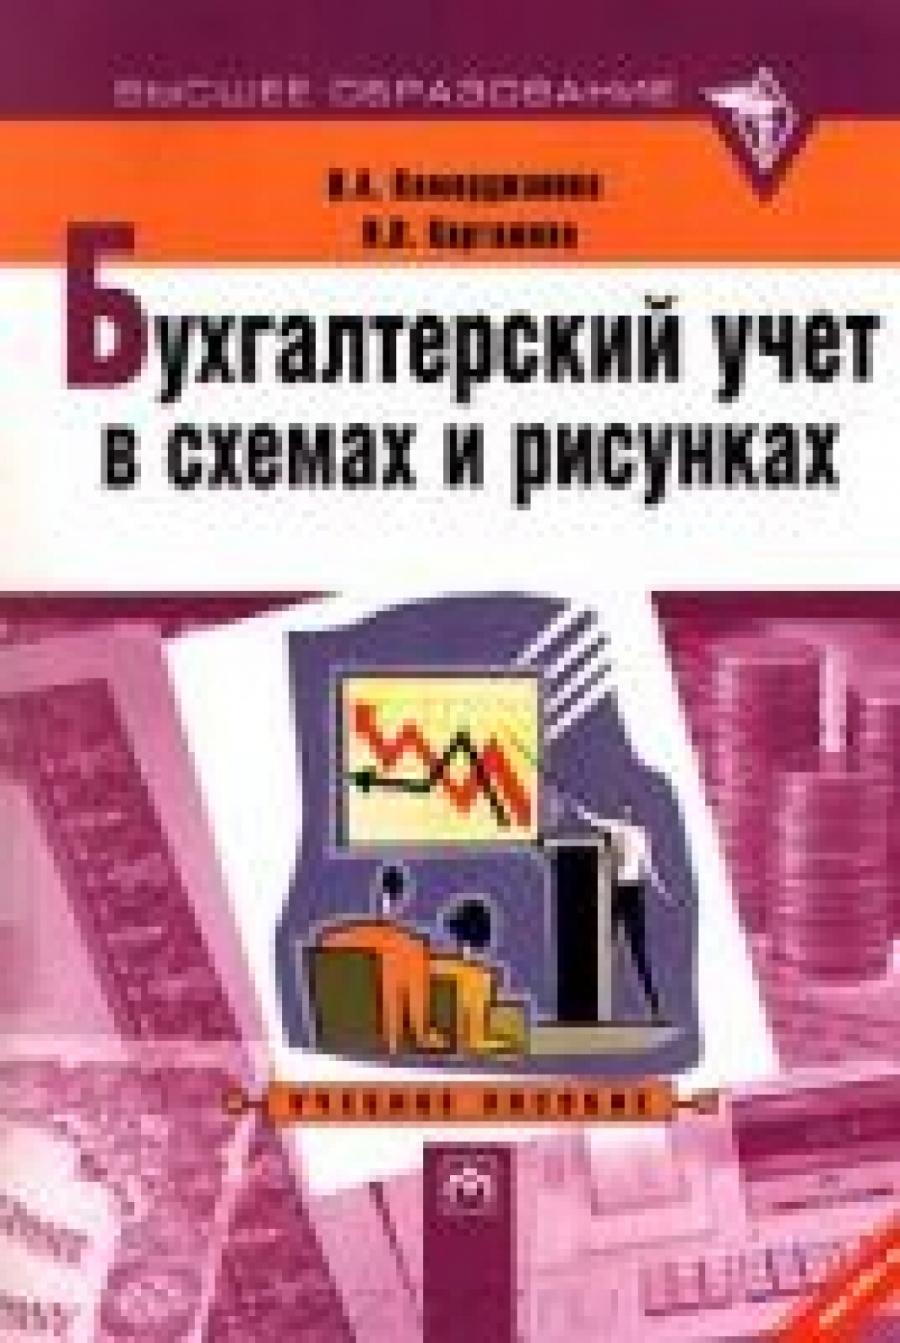 Обложка книги:  каморджанова н.а., карташова и.в. - бухгалтерский учет в схемах и рисунках